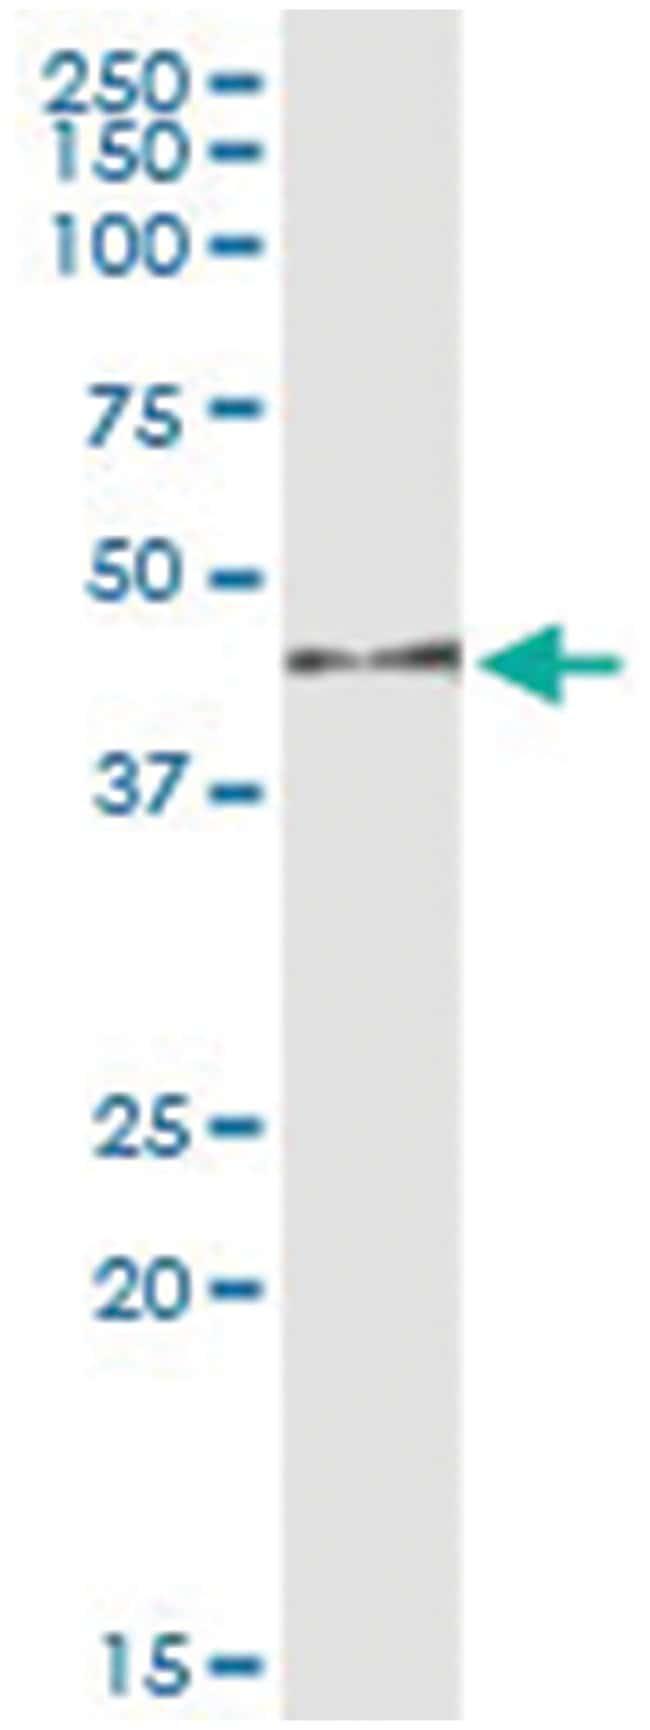 anti-MAPK12, Human, IP-WB Antibody Pair, Abnova 1 Set:Life Sciences